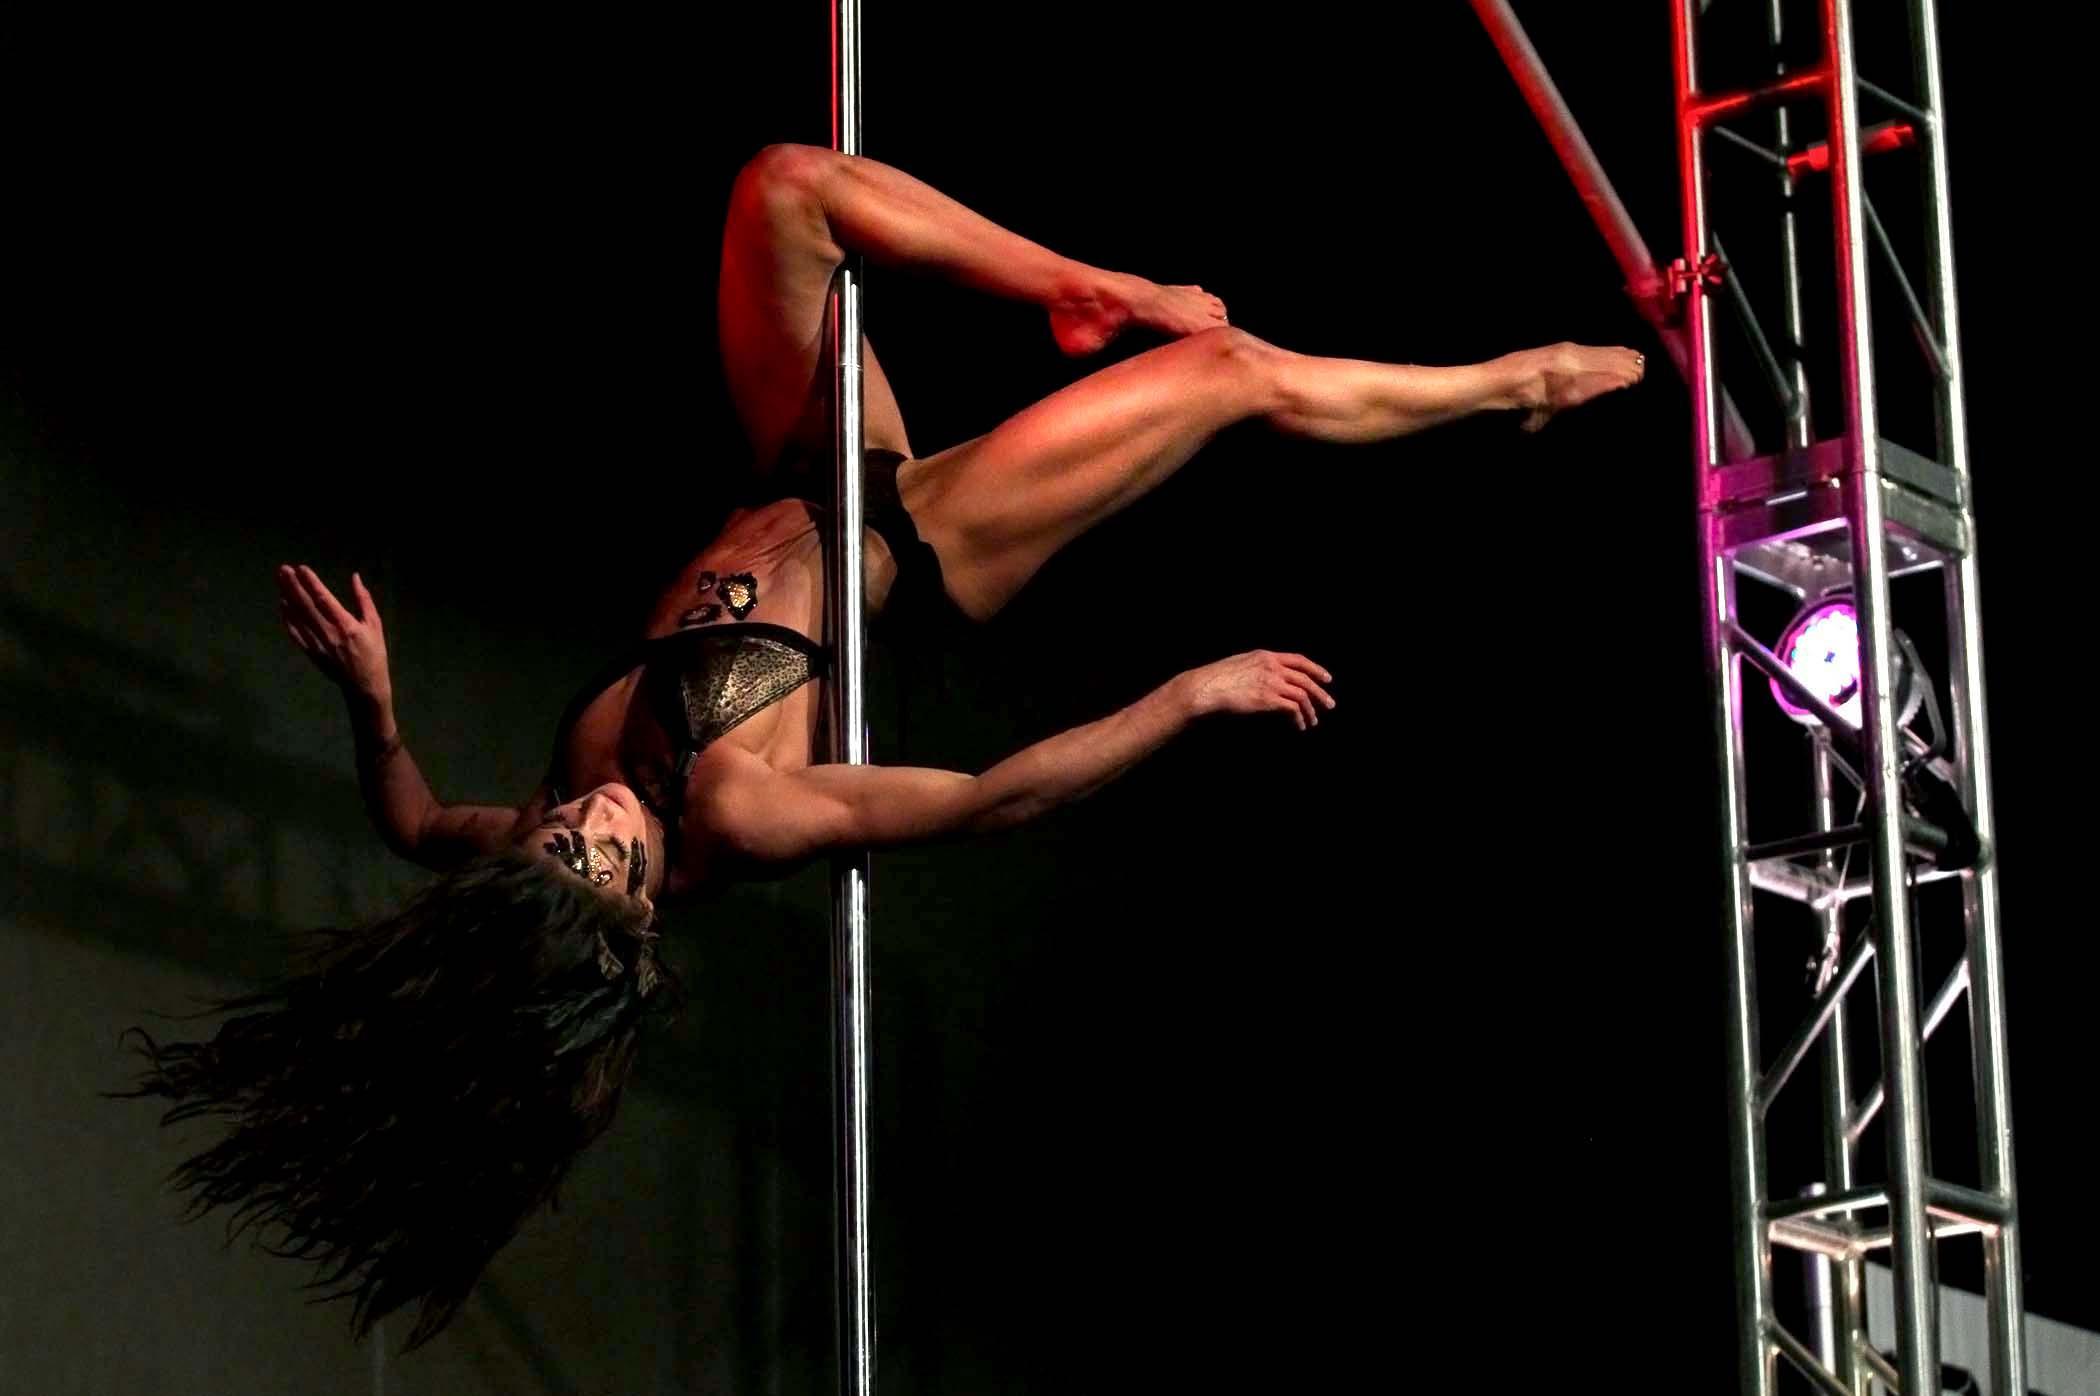 Смотреть эротические танцы на пилоне 22 фотография